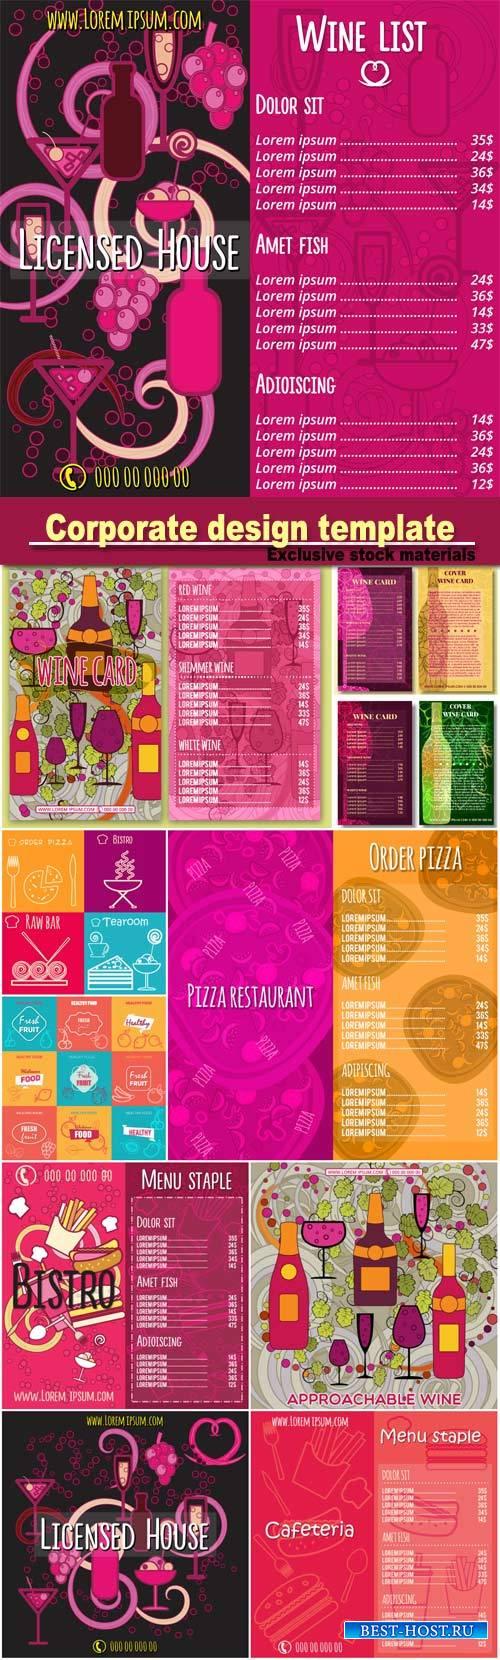 Corporate design, wine card template, business cards, menu